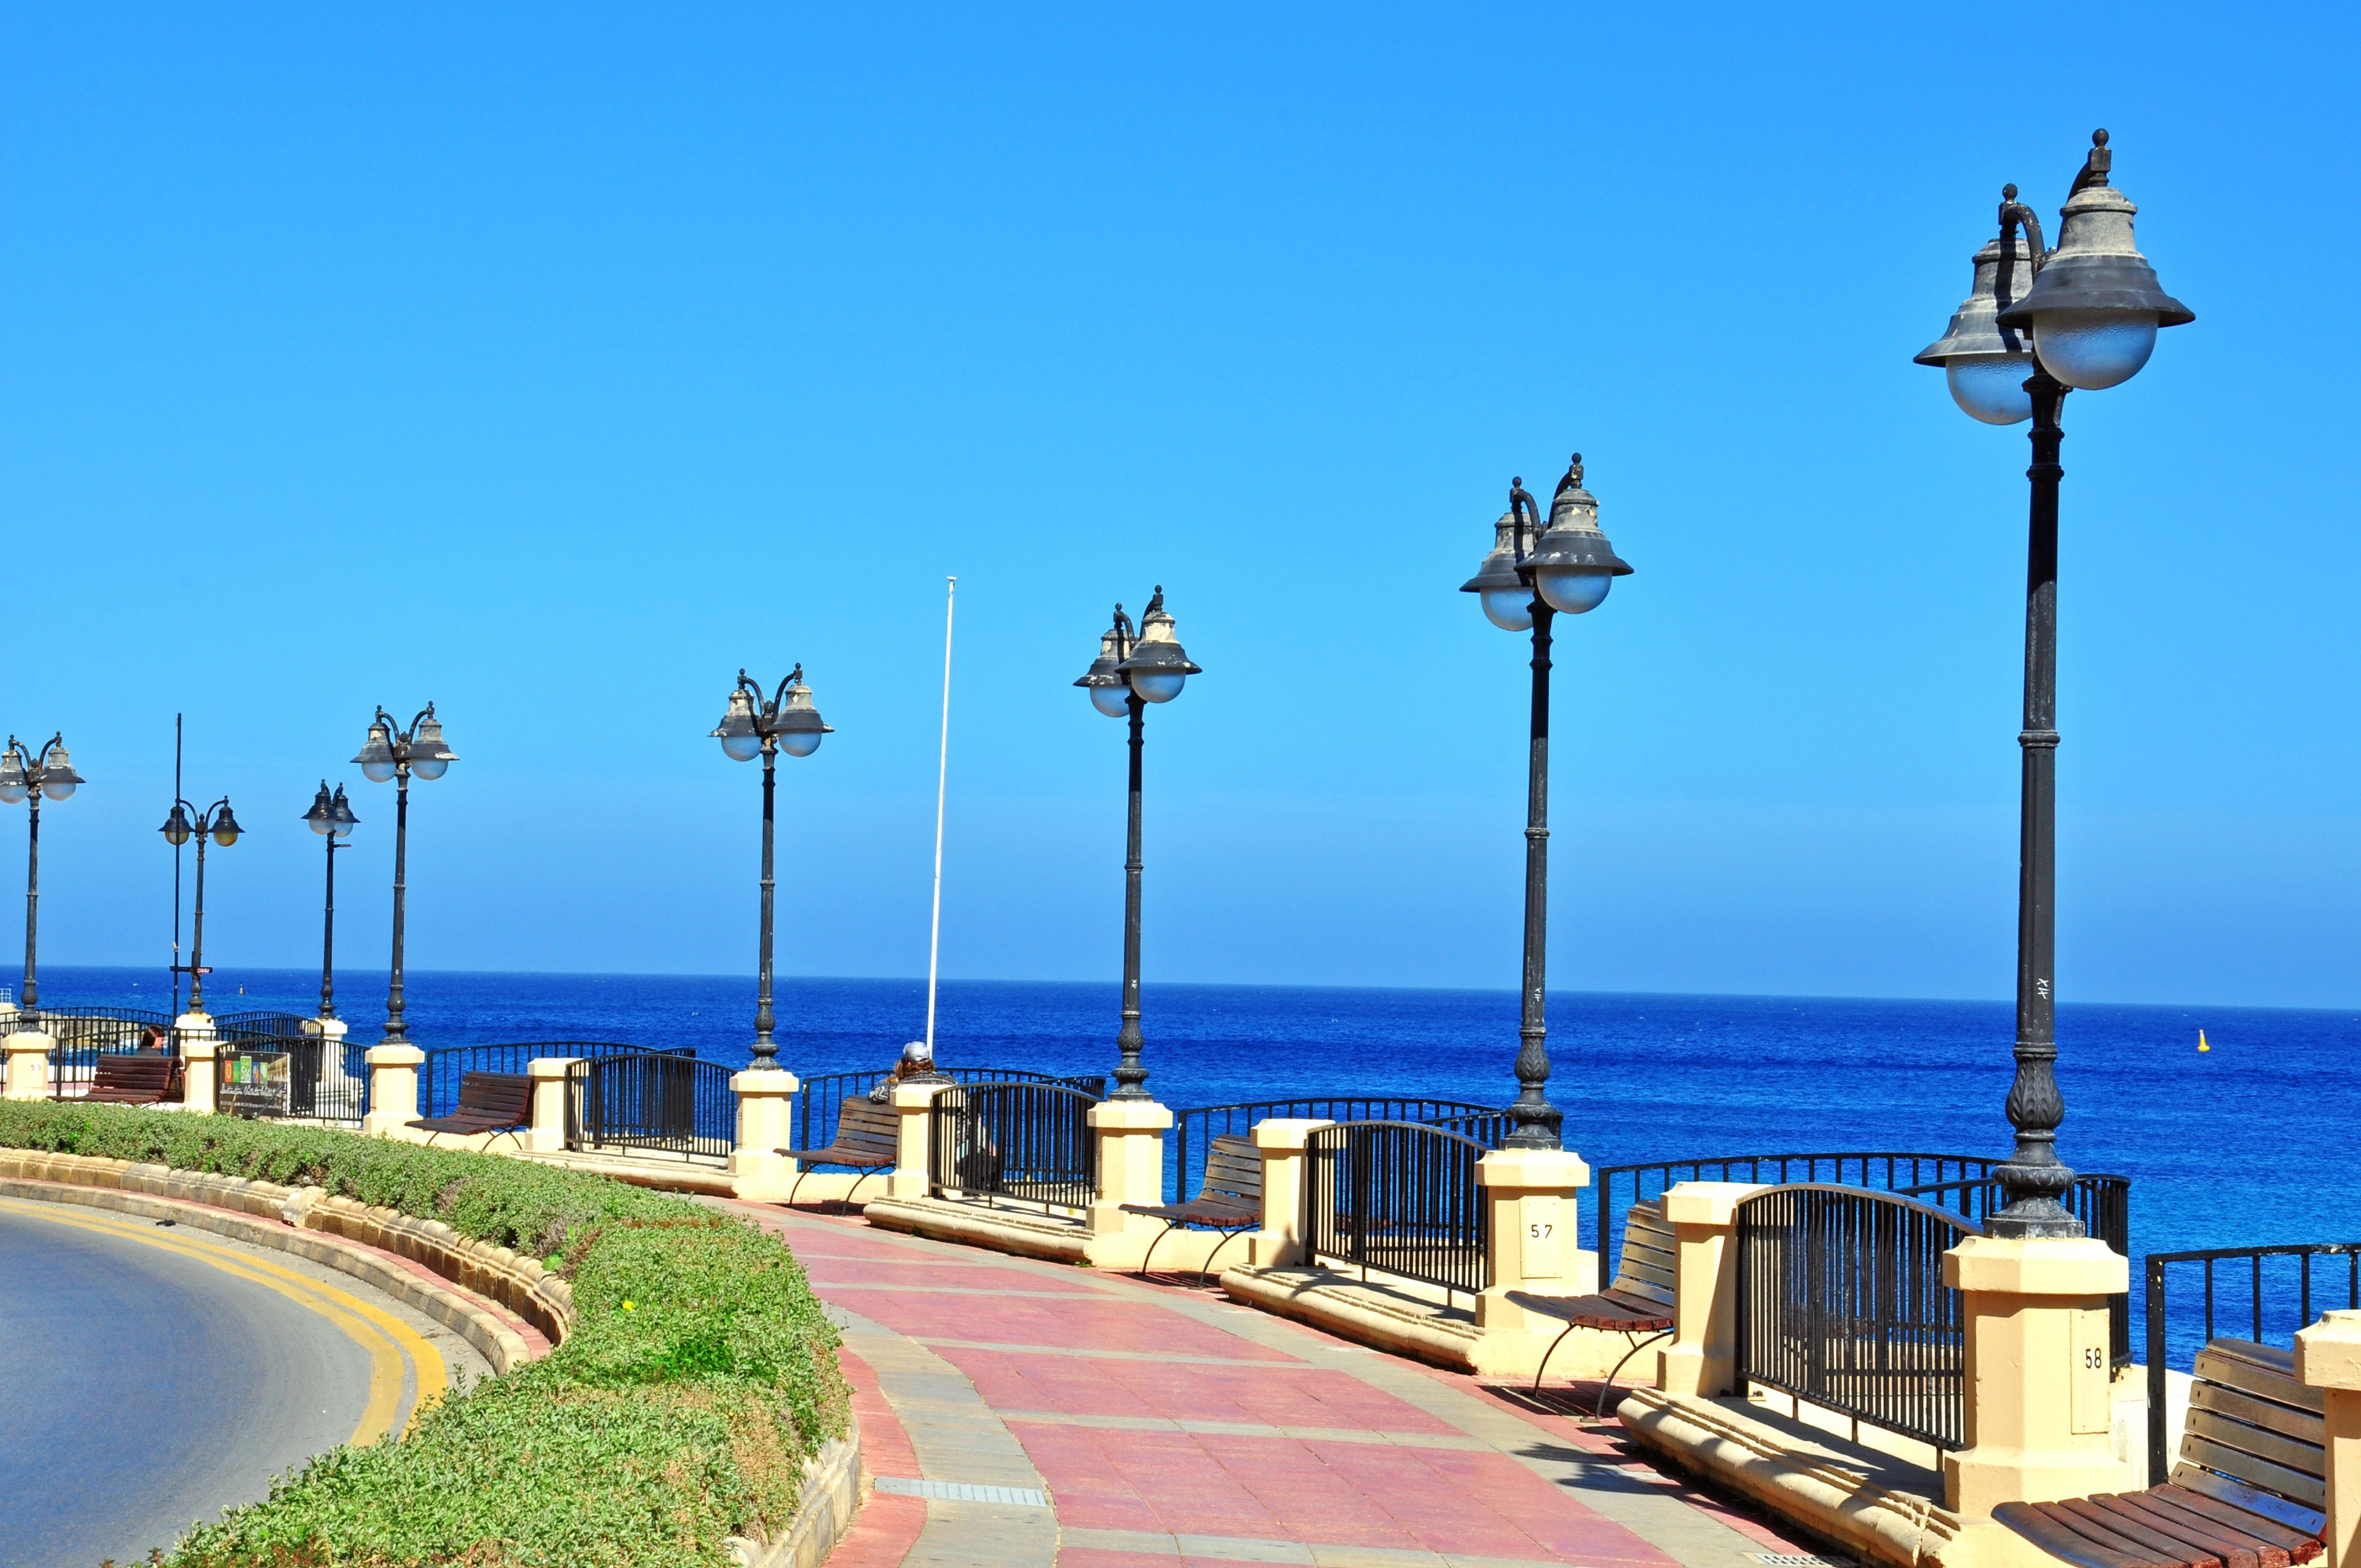 Die geschichtsträchtige Bühne Malta Experience in Valletta wird Sie mit ihren Aufführungen in seinen Bann ziehen. Spazieren Sie an der Küste der Gegend entlang oder genießen Sie in den erstklassigen Restaurants vor Ort leckere Köstlichkeiten.